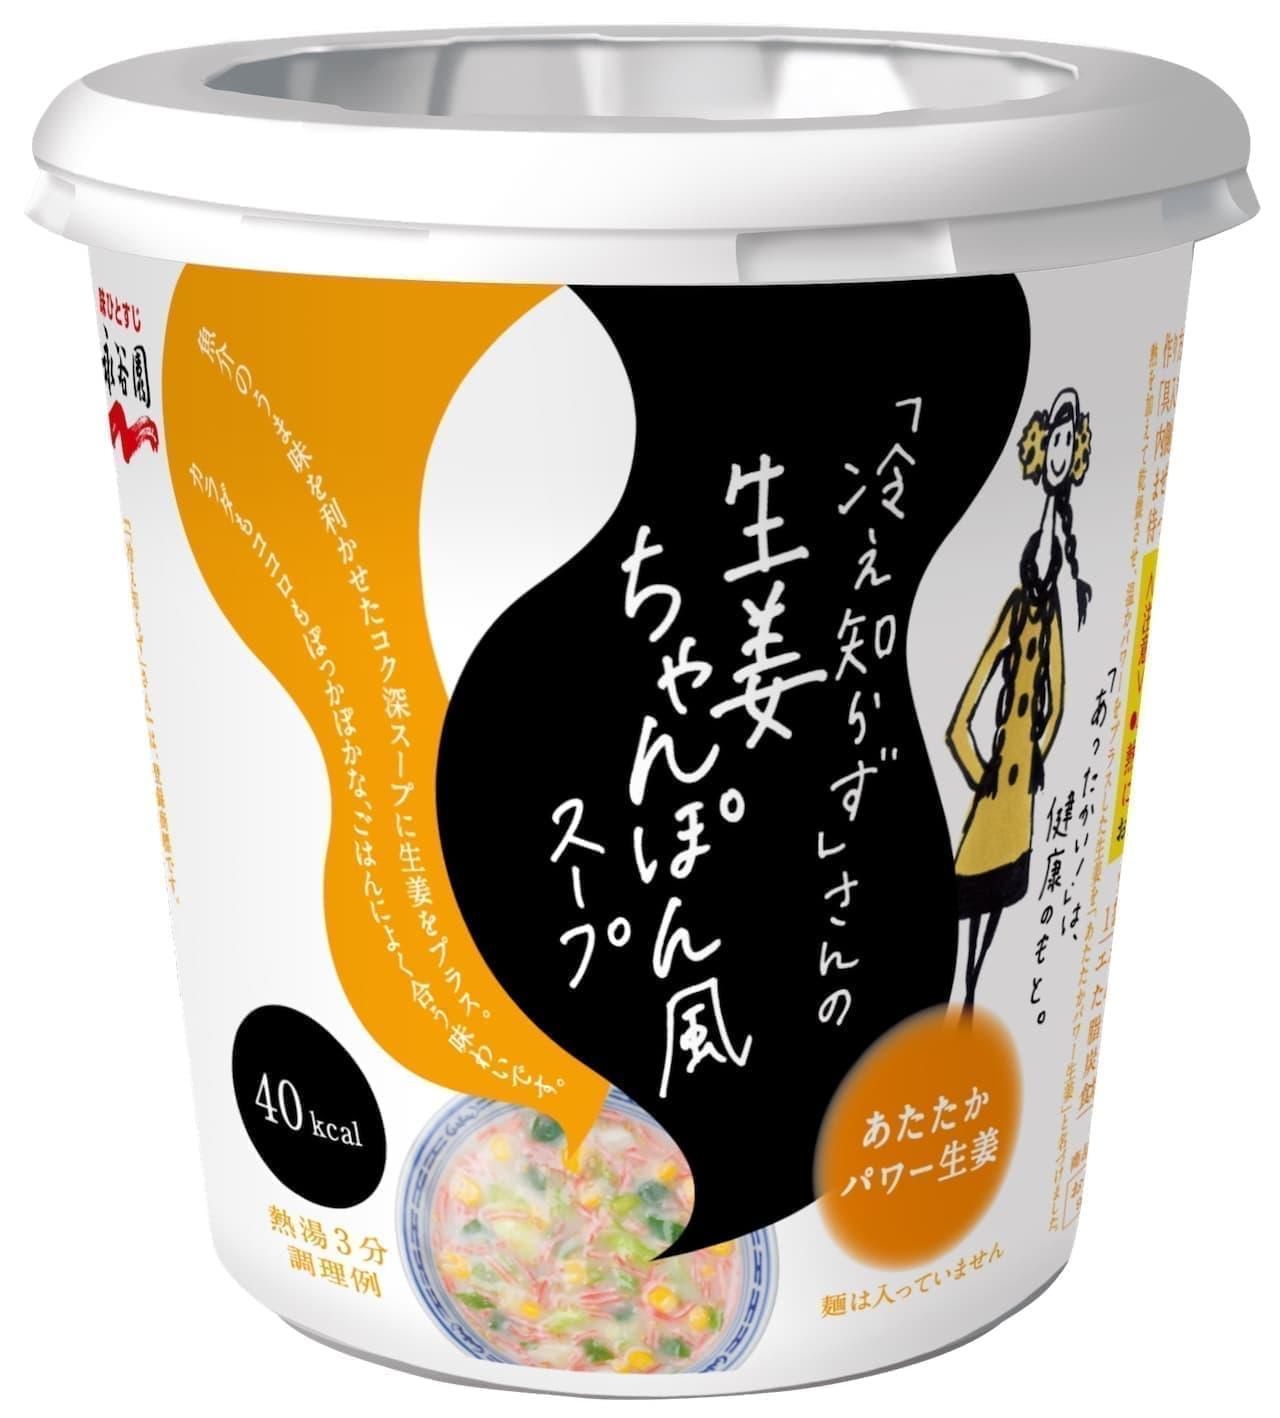 秋冬限定『「冷え知らず」さんの生姜ちゃんぽん風スープ』